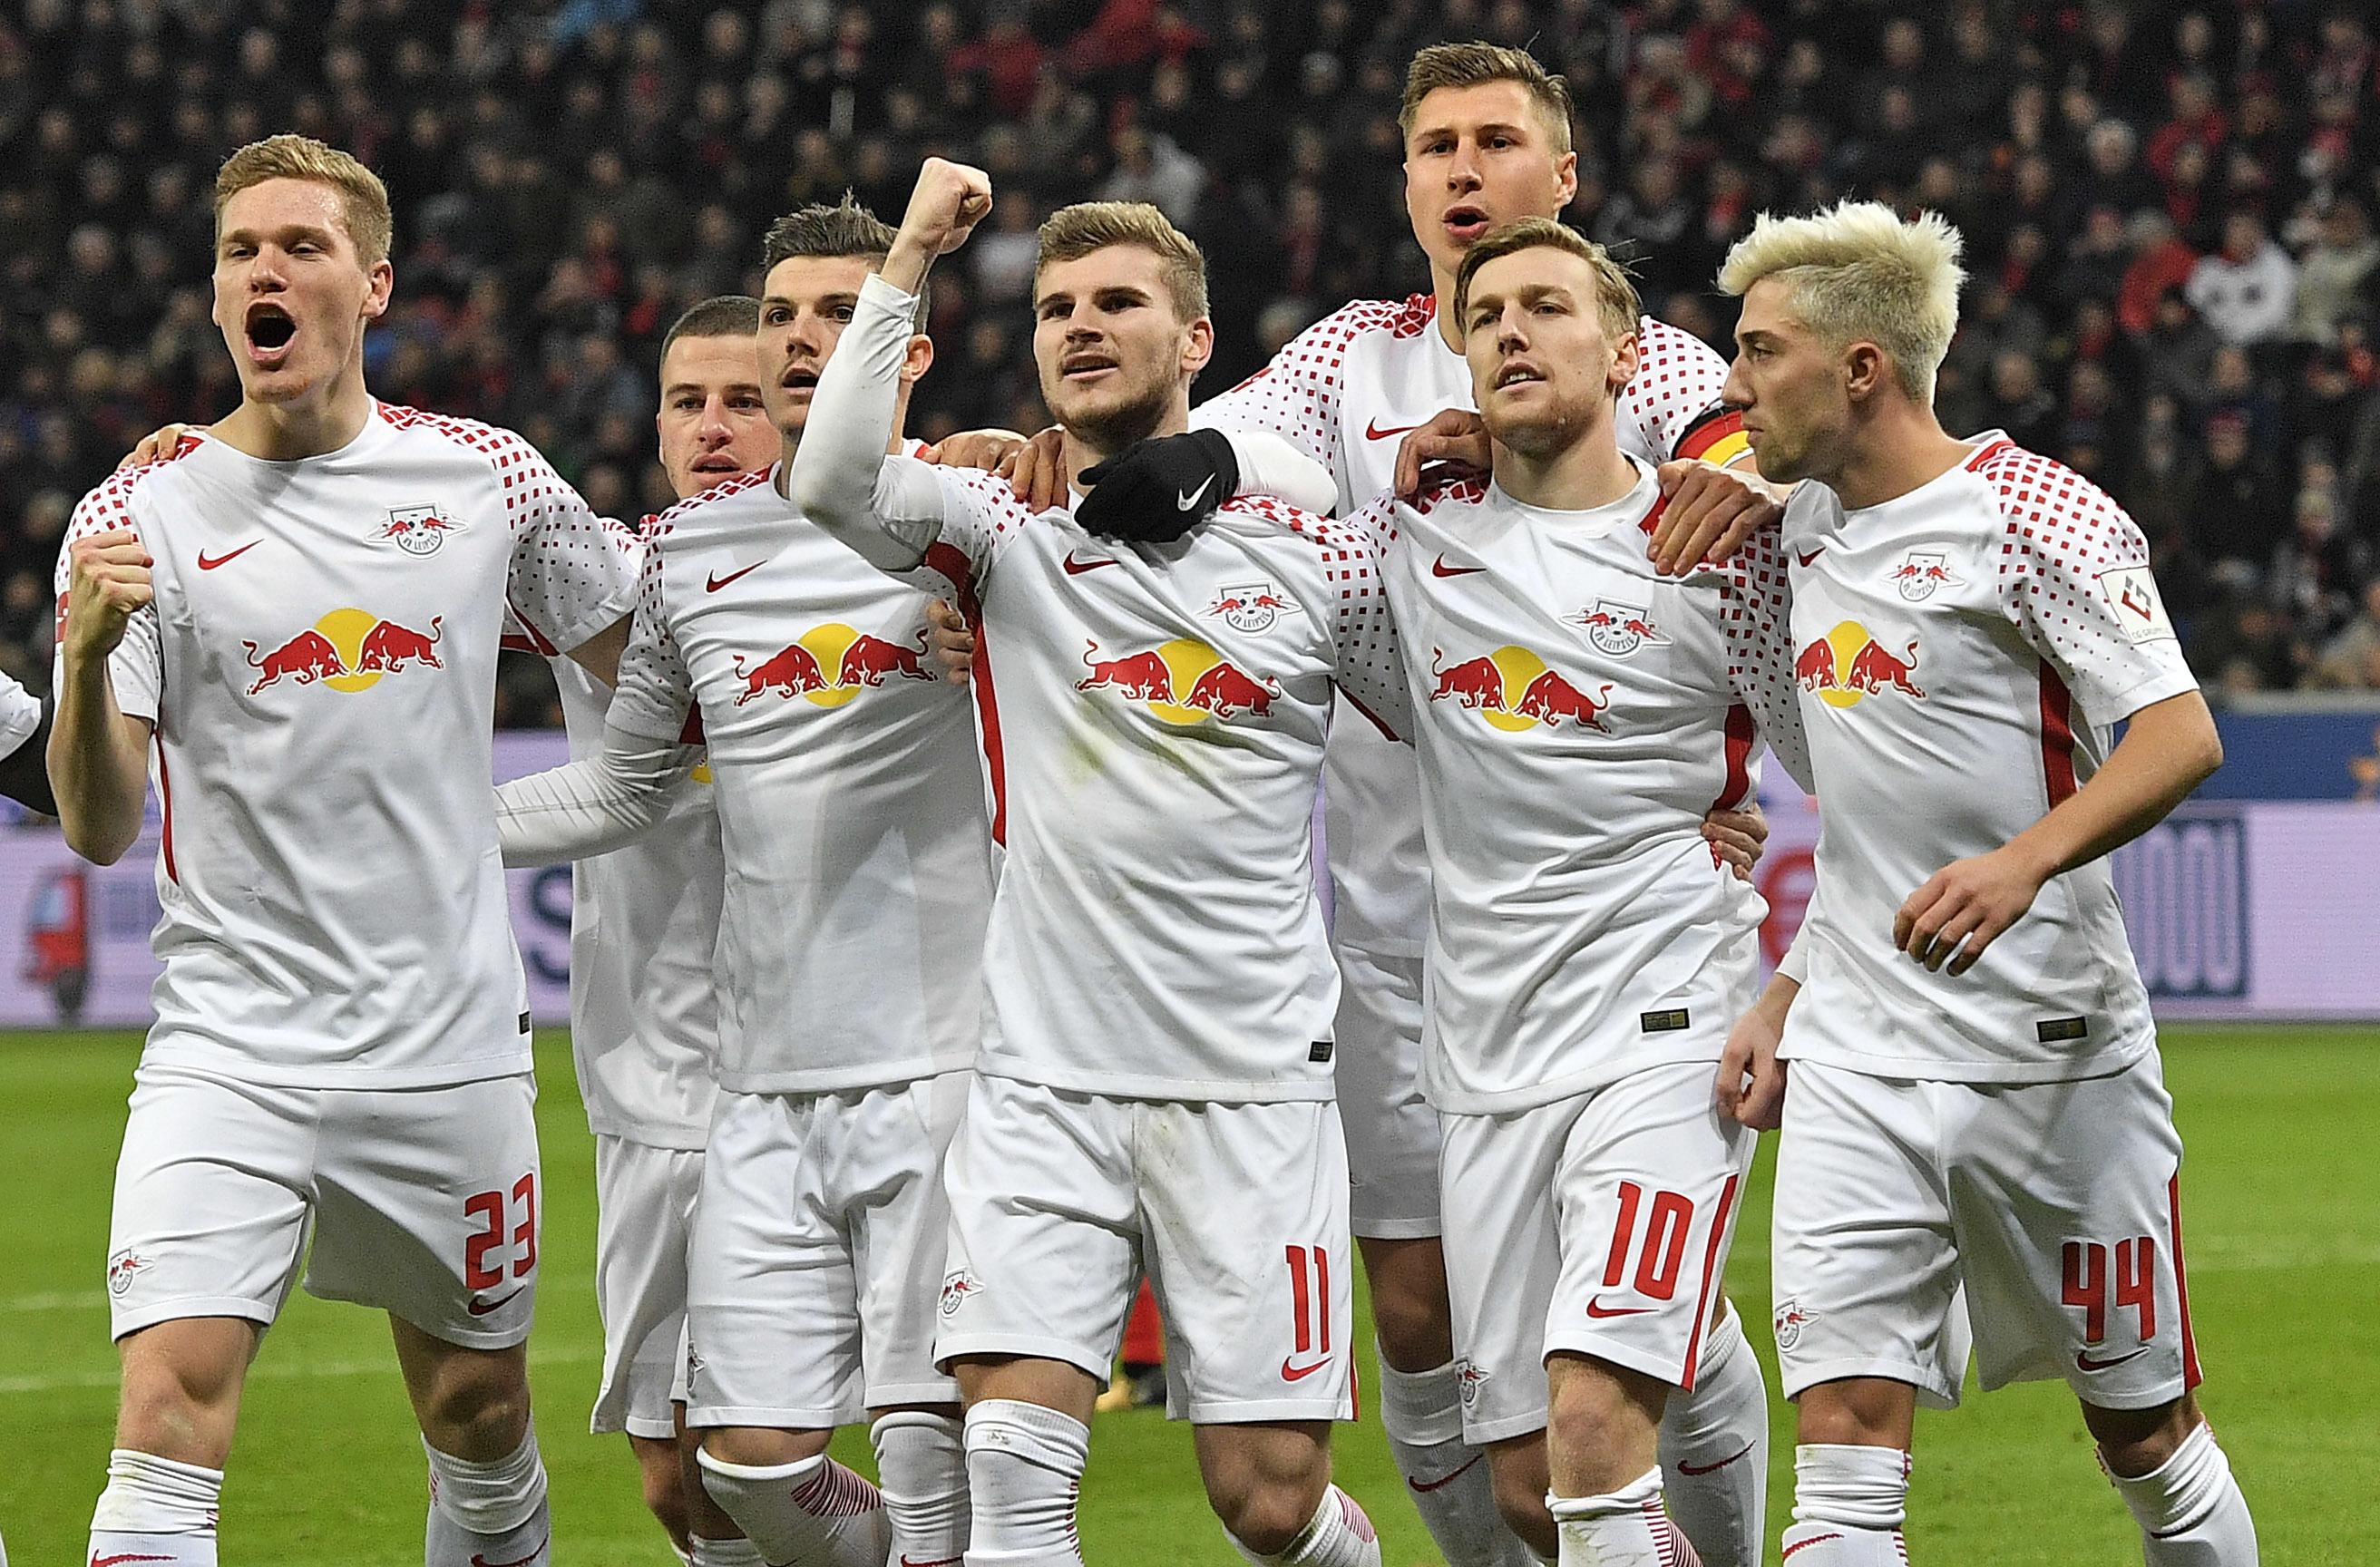 Målmandsdrop sikrede RB Leipzig det ene point